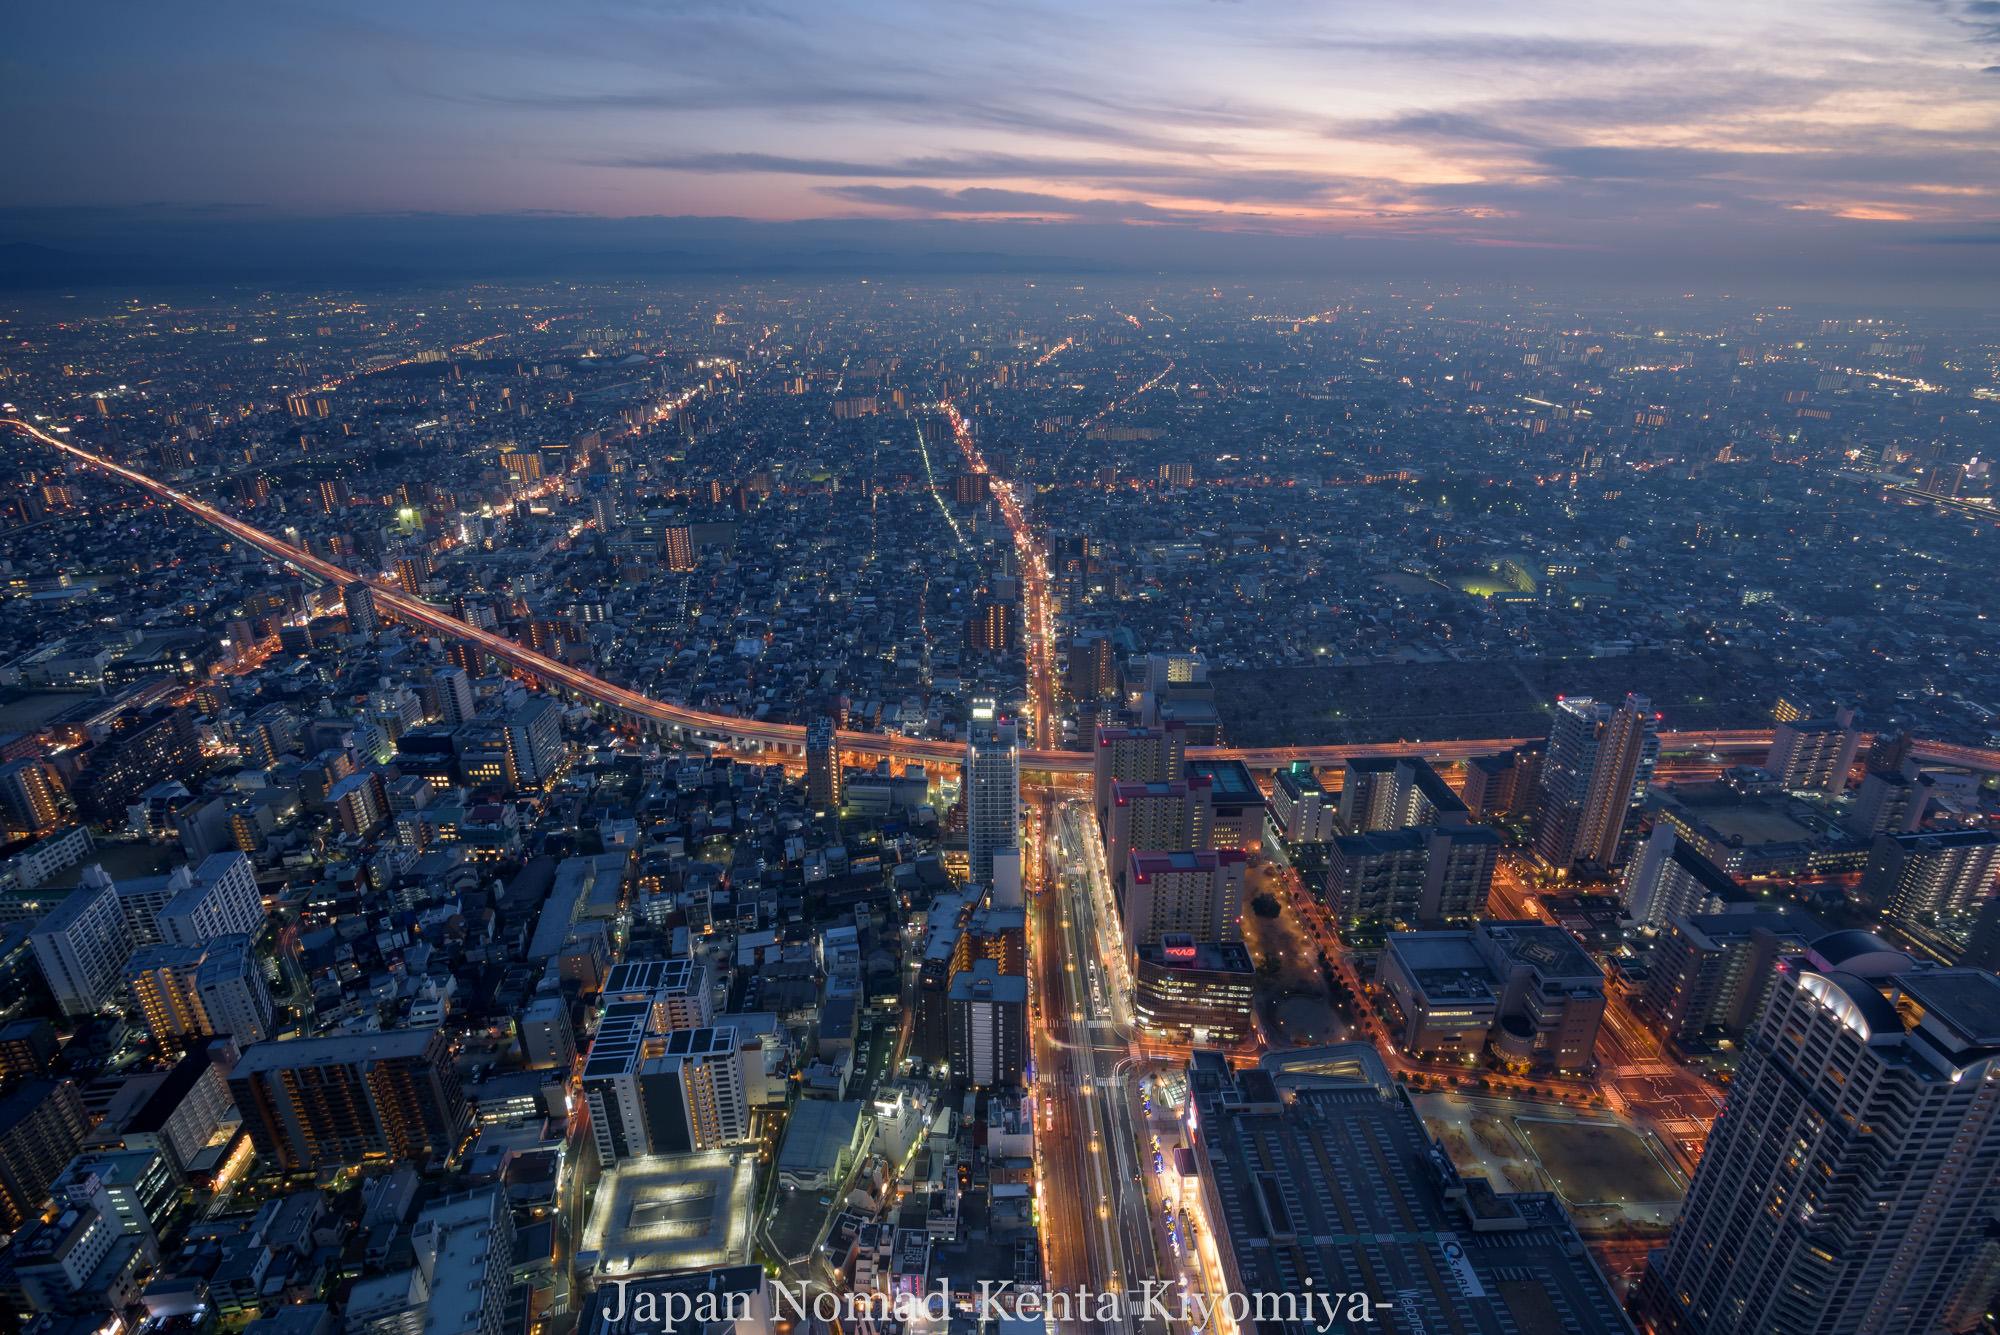 大阪の夜景 from 『梅田スカイビル』と『あべのハルカス』